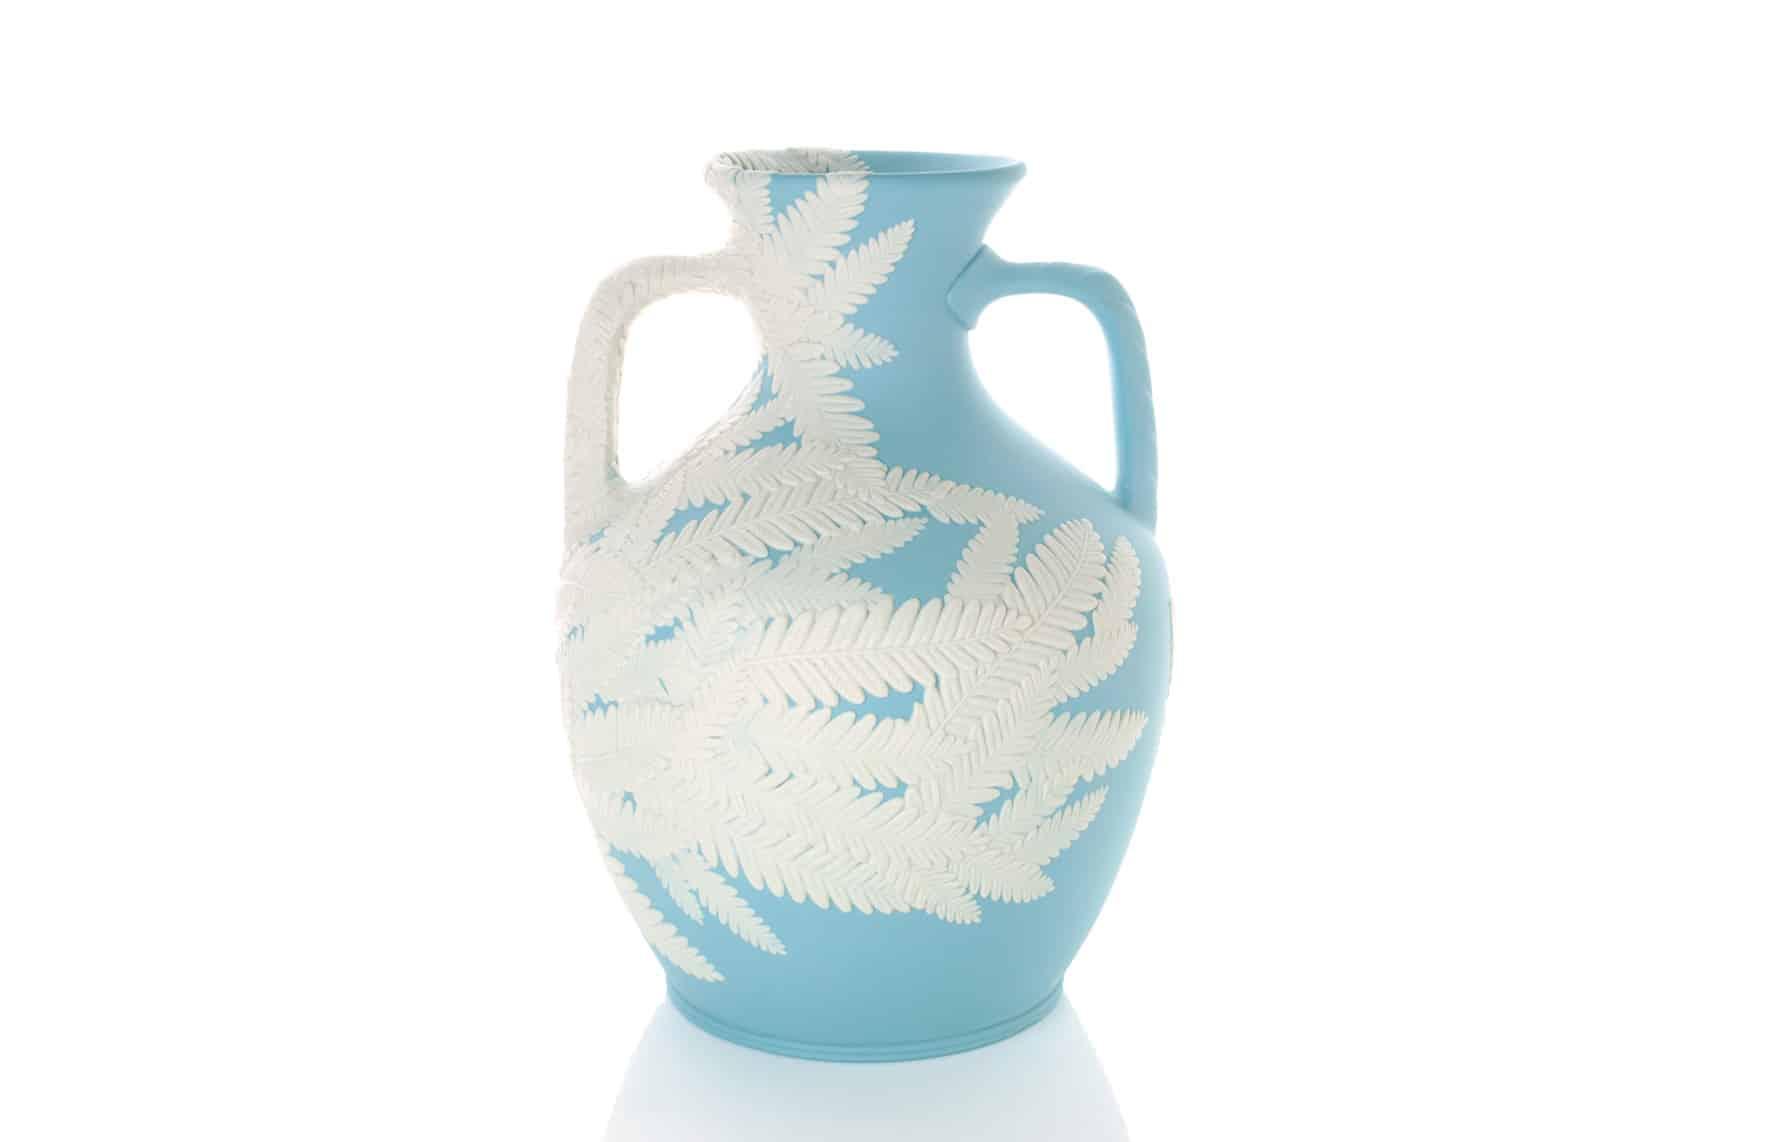 Ceramic vase by Hitomi Hosono